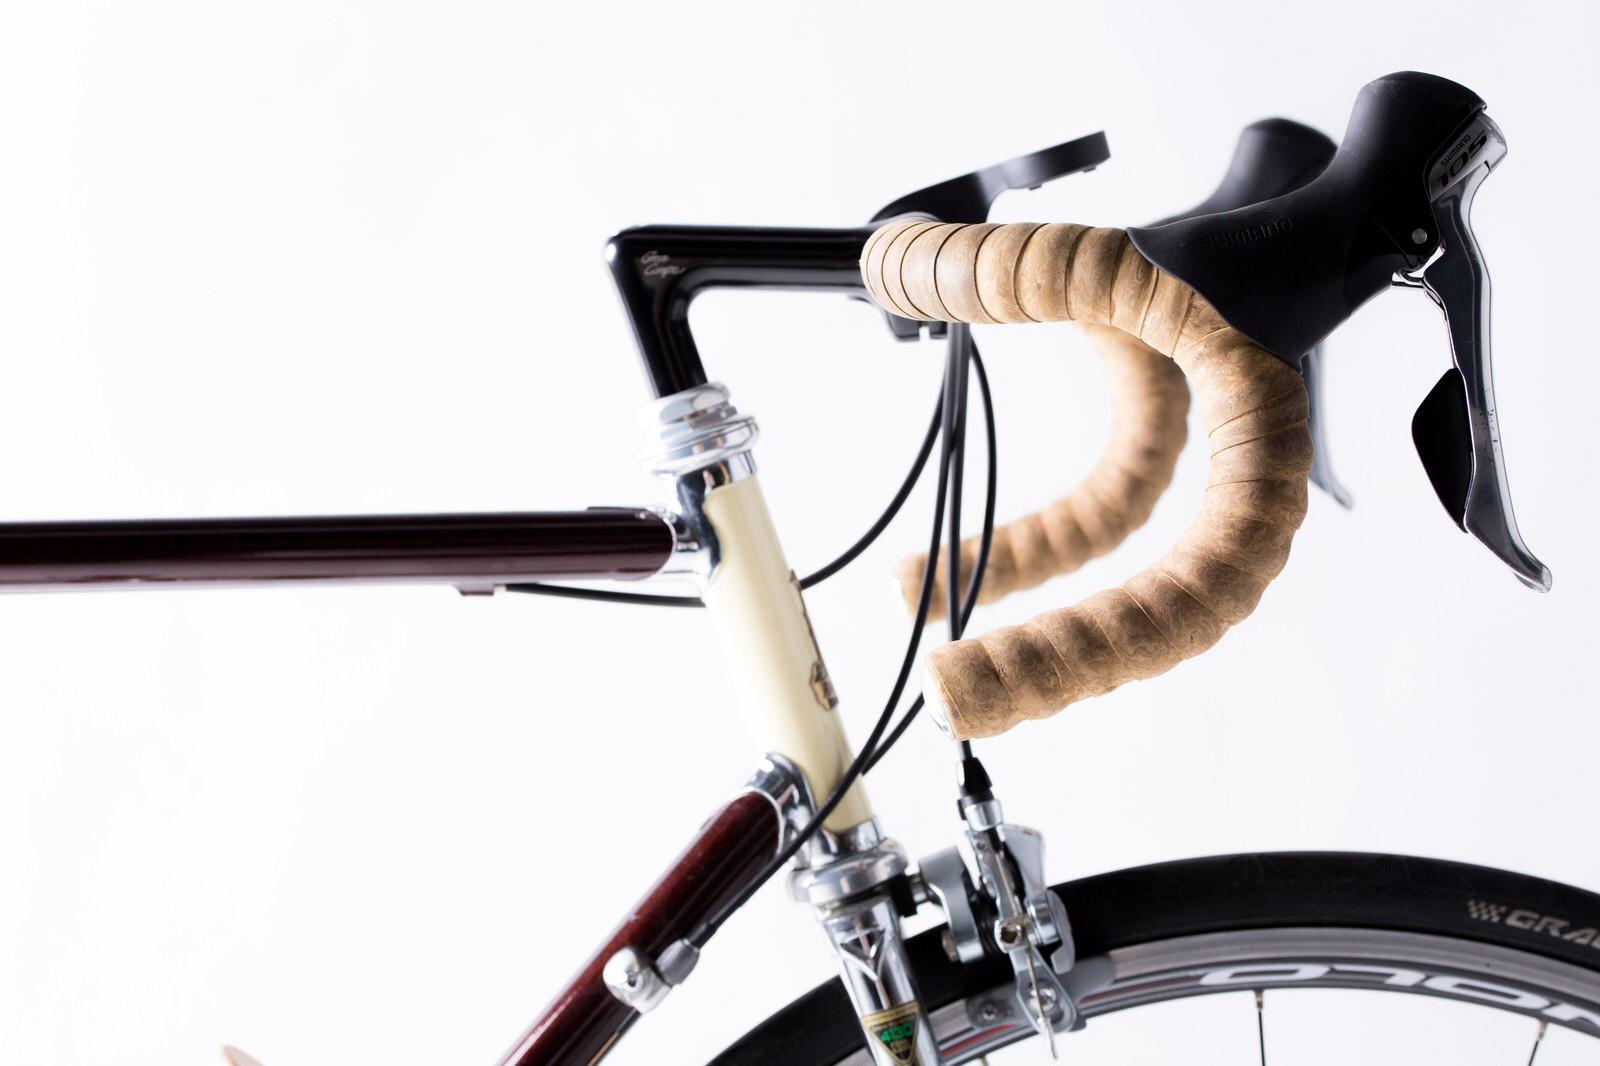 ロードバイク初心者におすすめ!10万円台で買えるロードバイク!メーカー別11選! | コミーの部屋